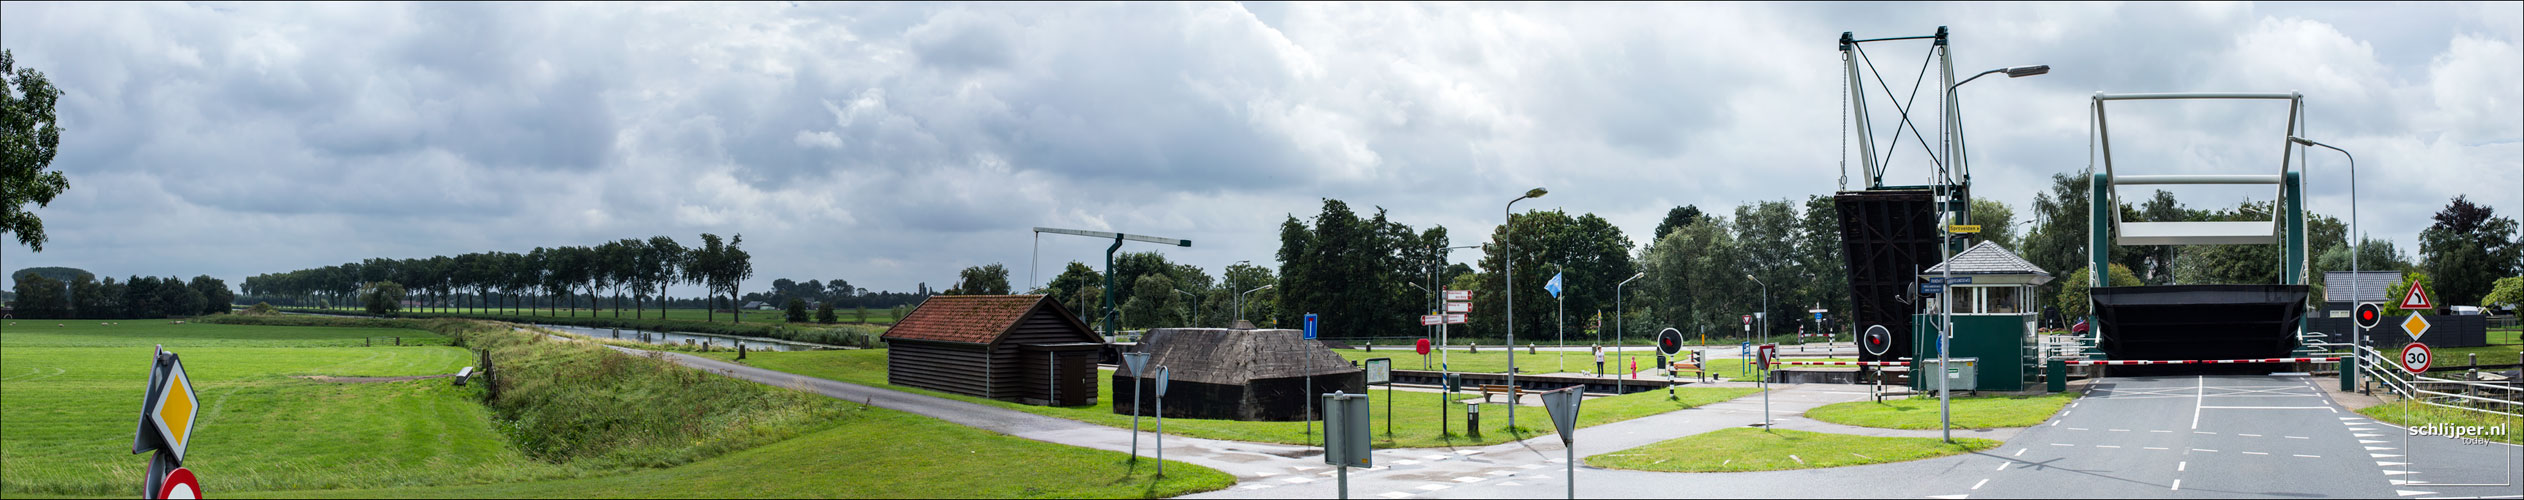 Nederland, Nederhorst, 22 augustus 2016